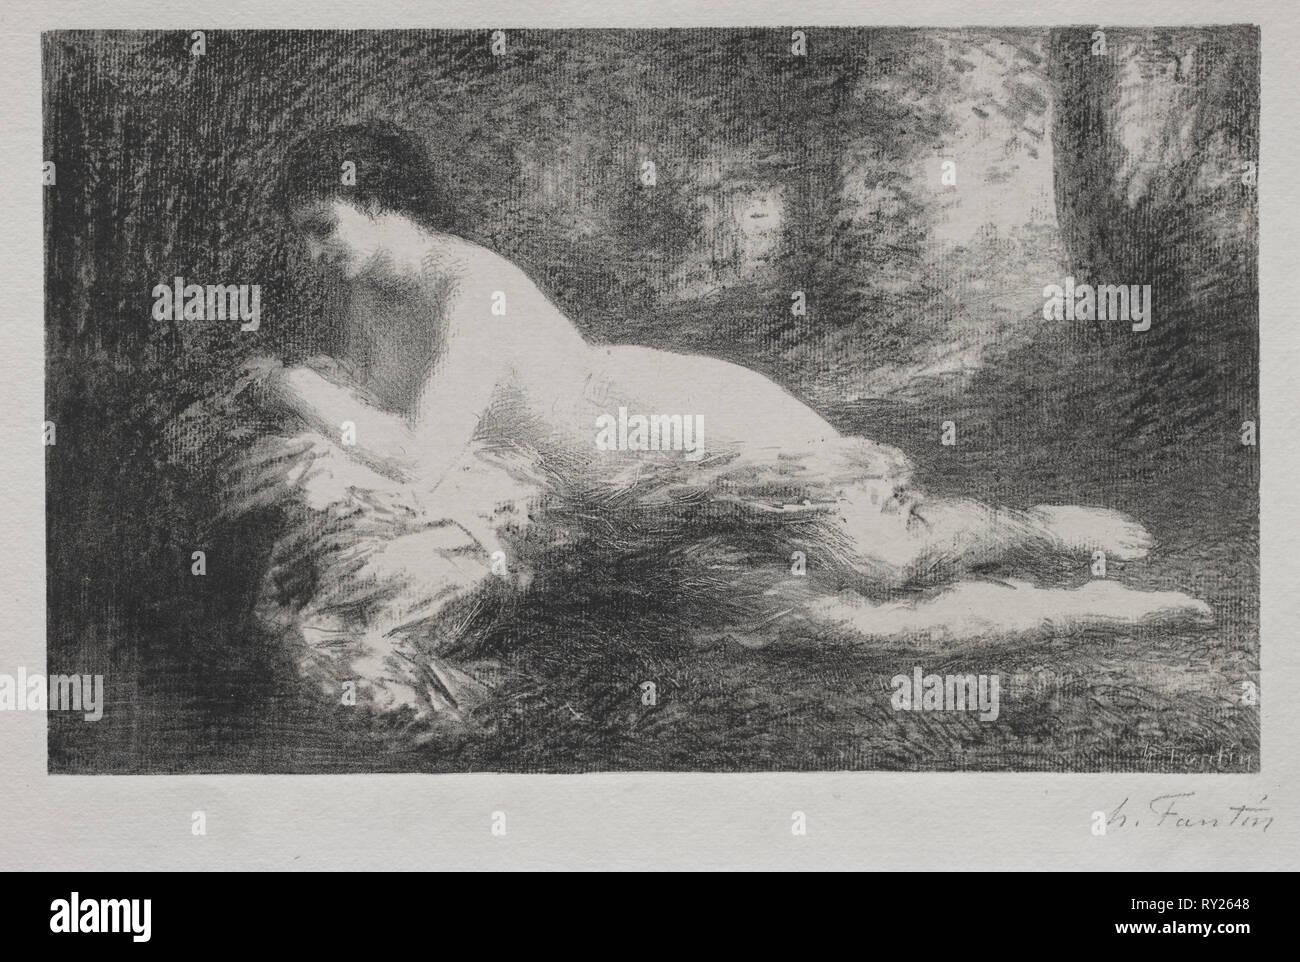 Réverie. Henri Fantin-Latour (French, 1836-1904). Lithograph - Stock Image